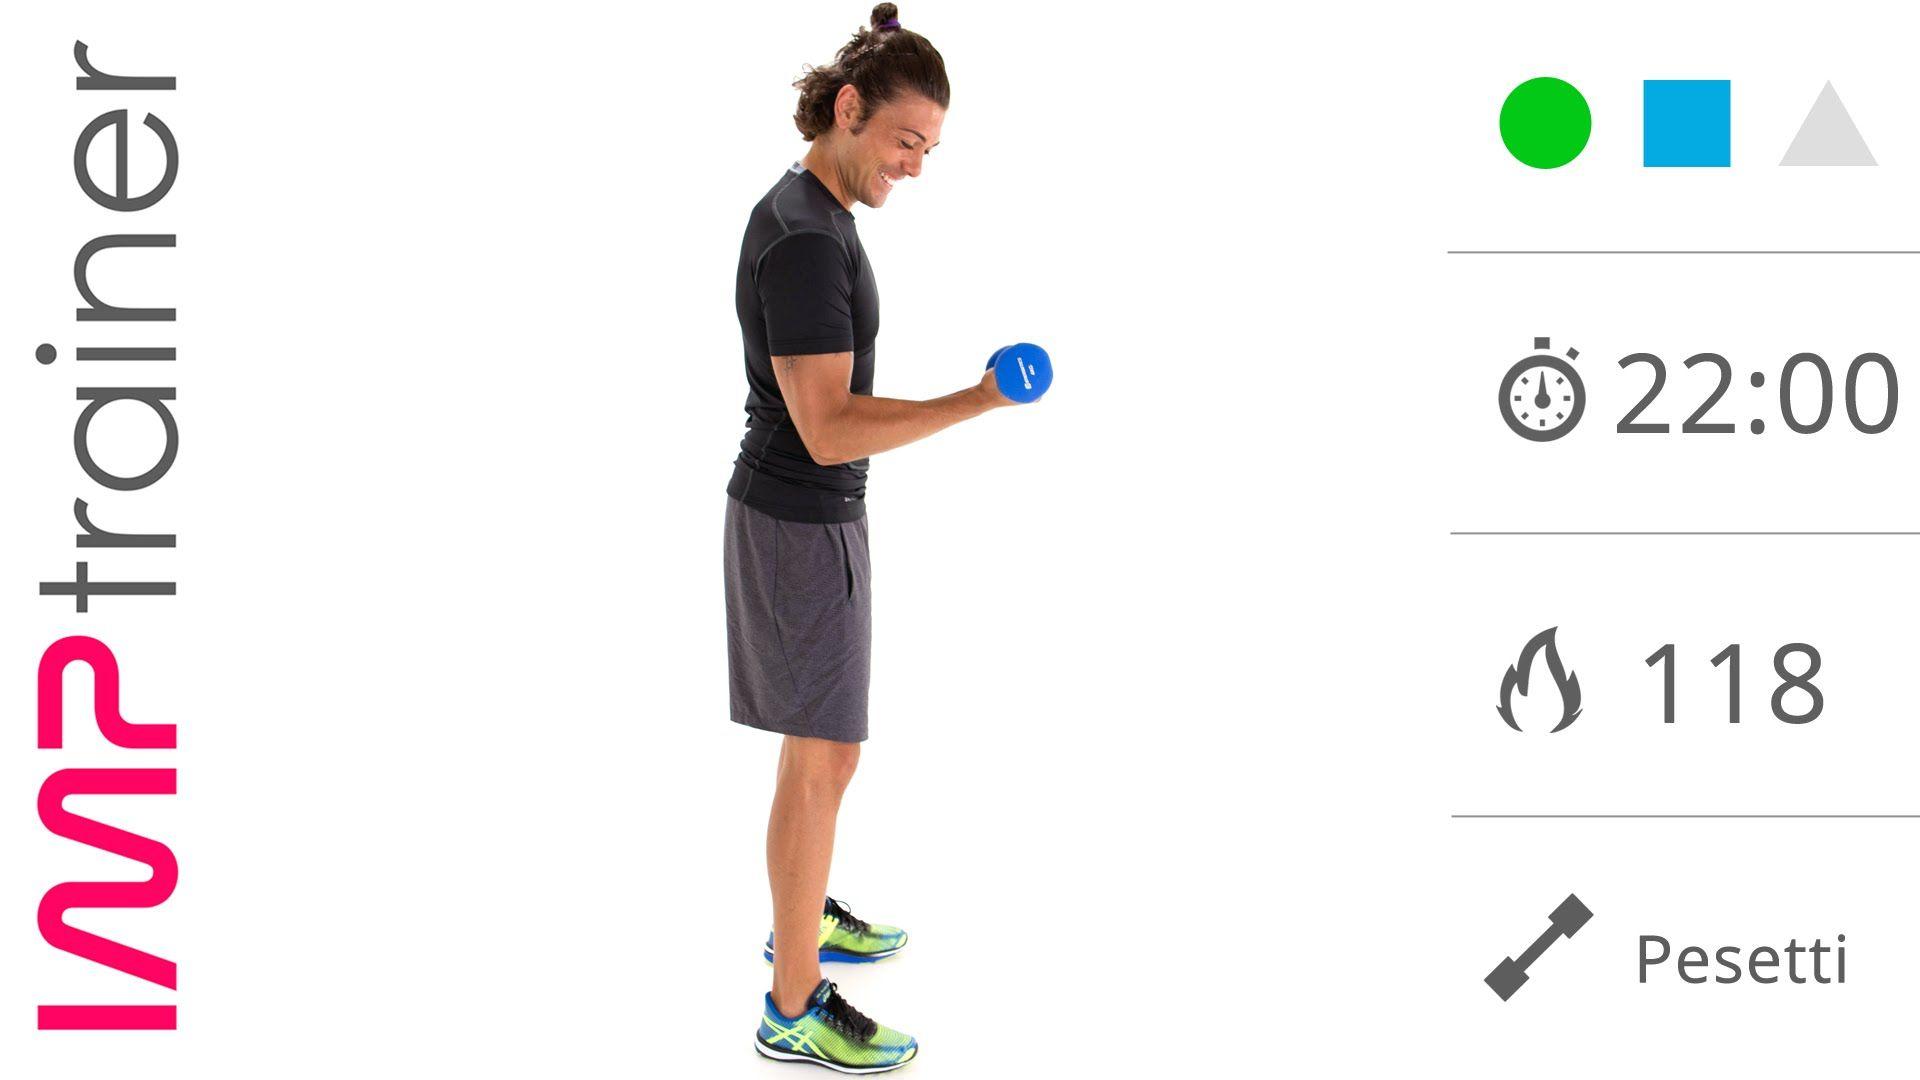 esercizi per snellire braccia e tonoco